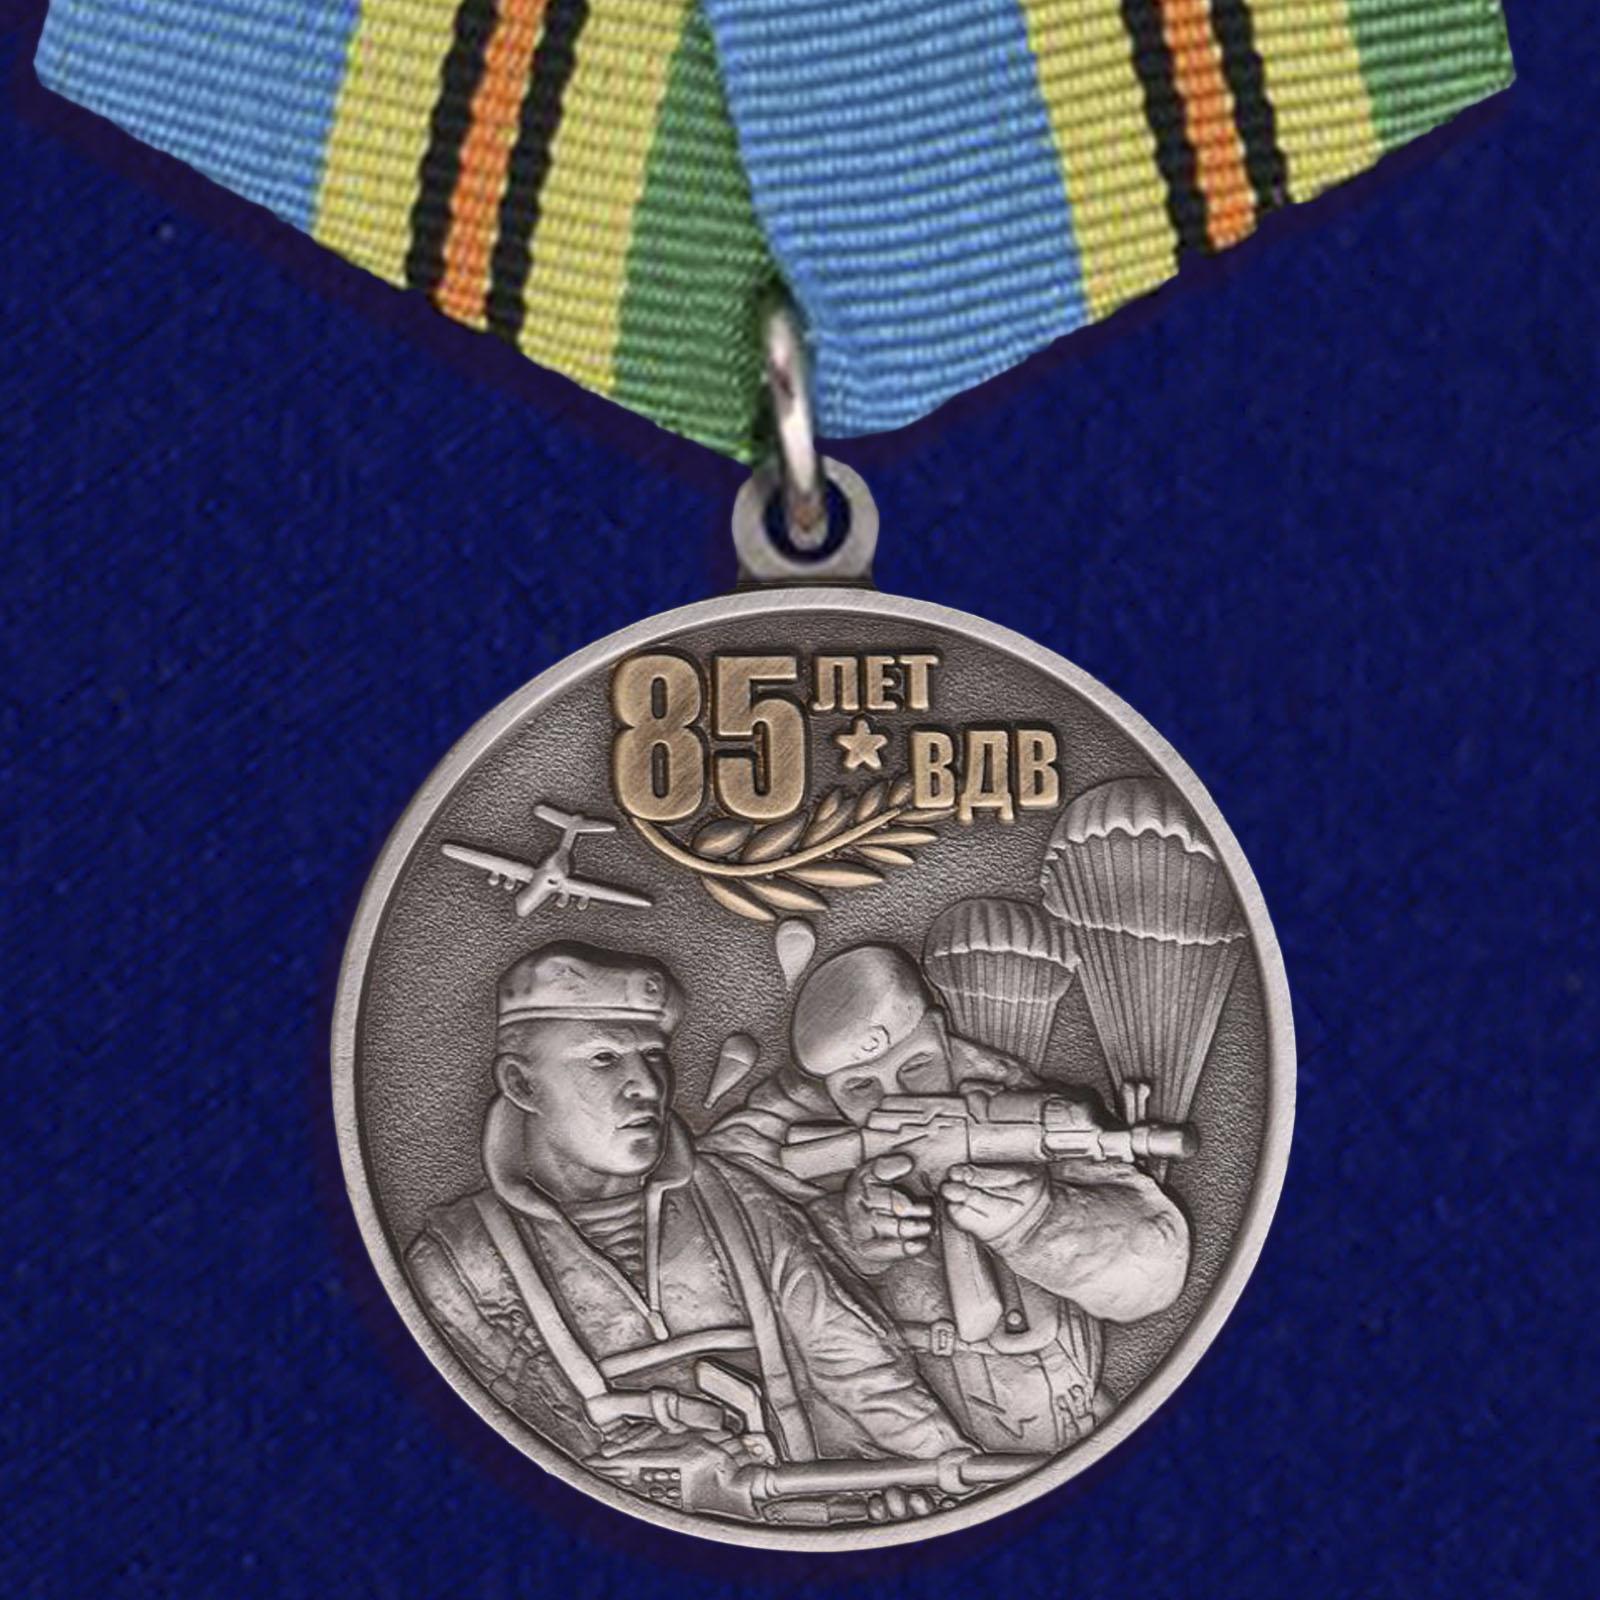 Награда десантнику! Медаль Воздушно-десантных войск с муаровой лентой, оформленной в цветах флага ВДВ